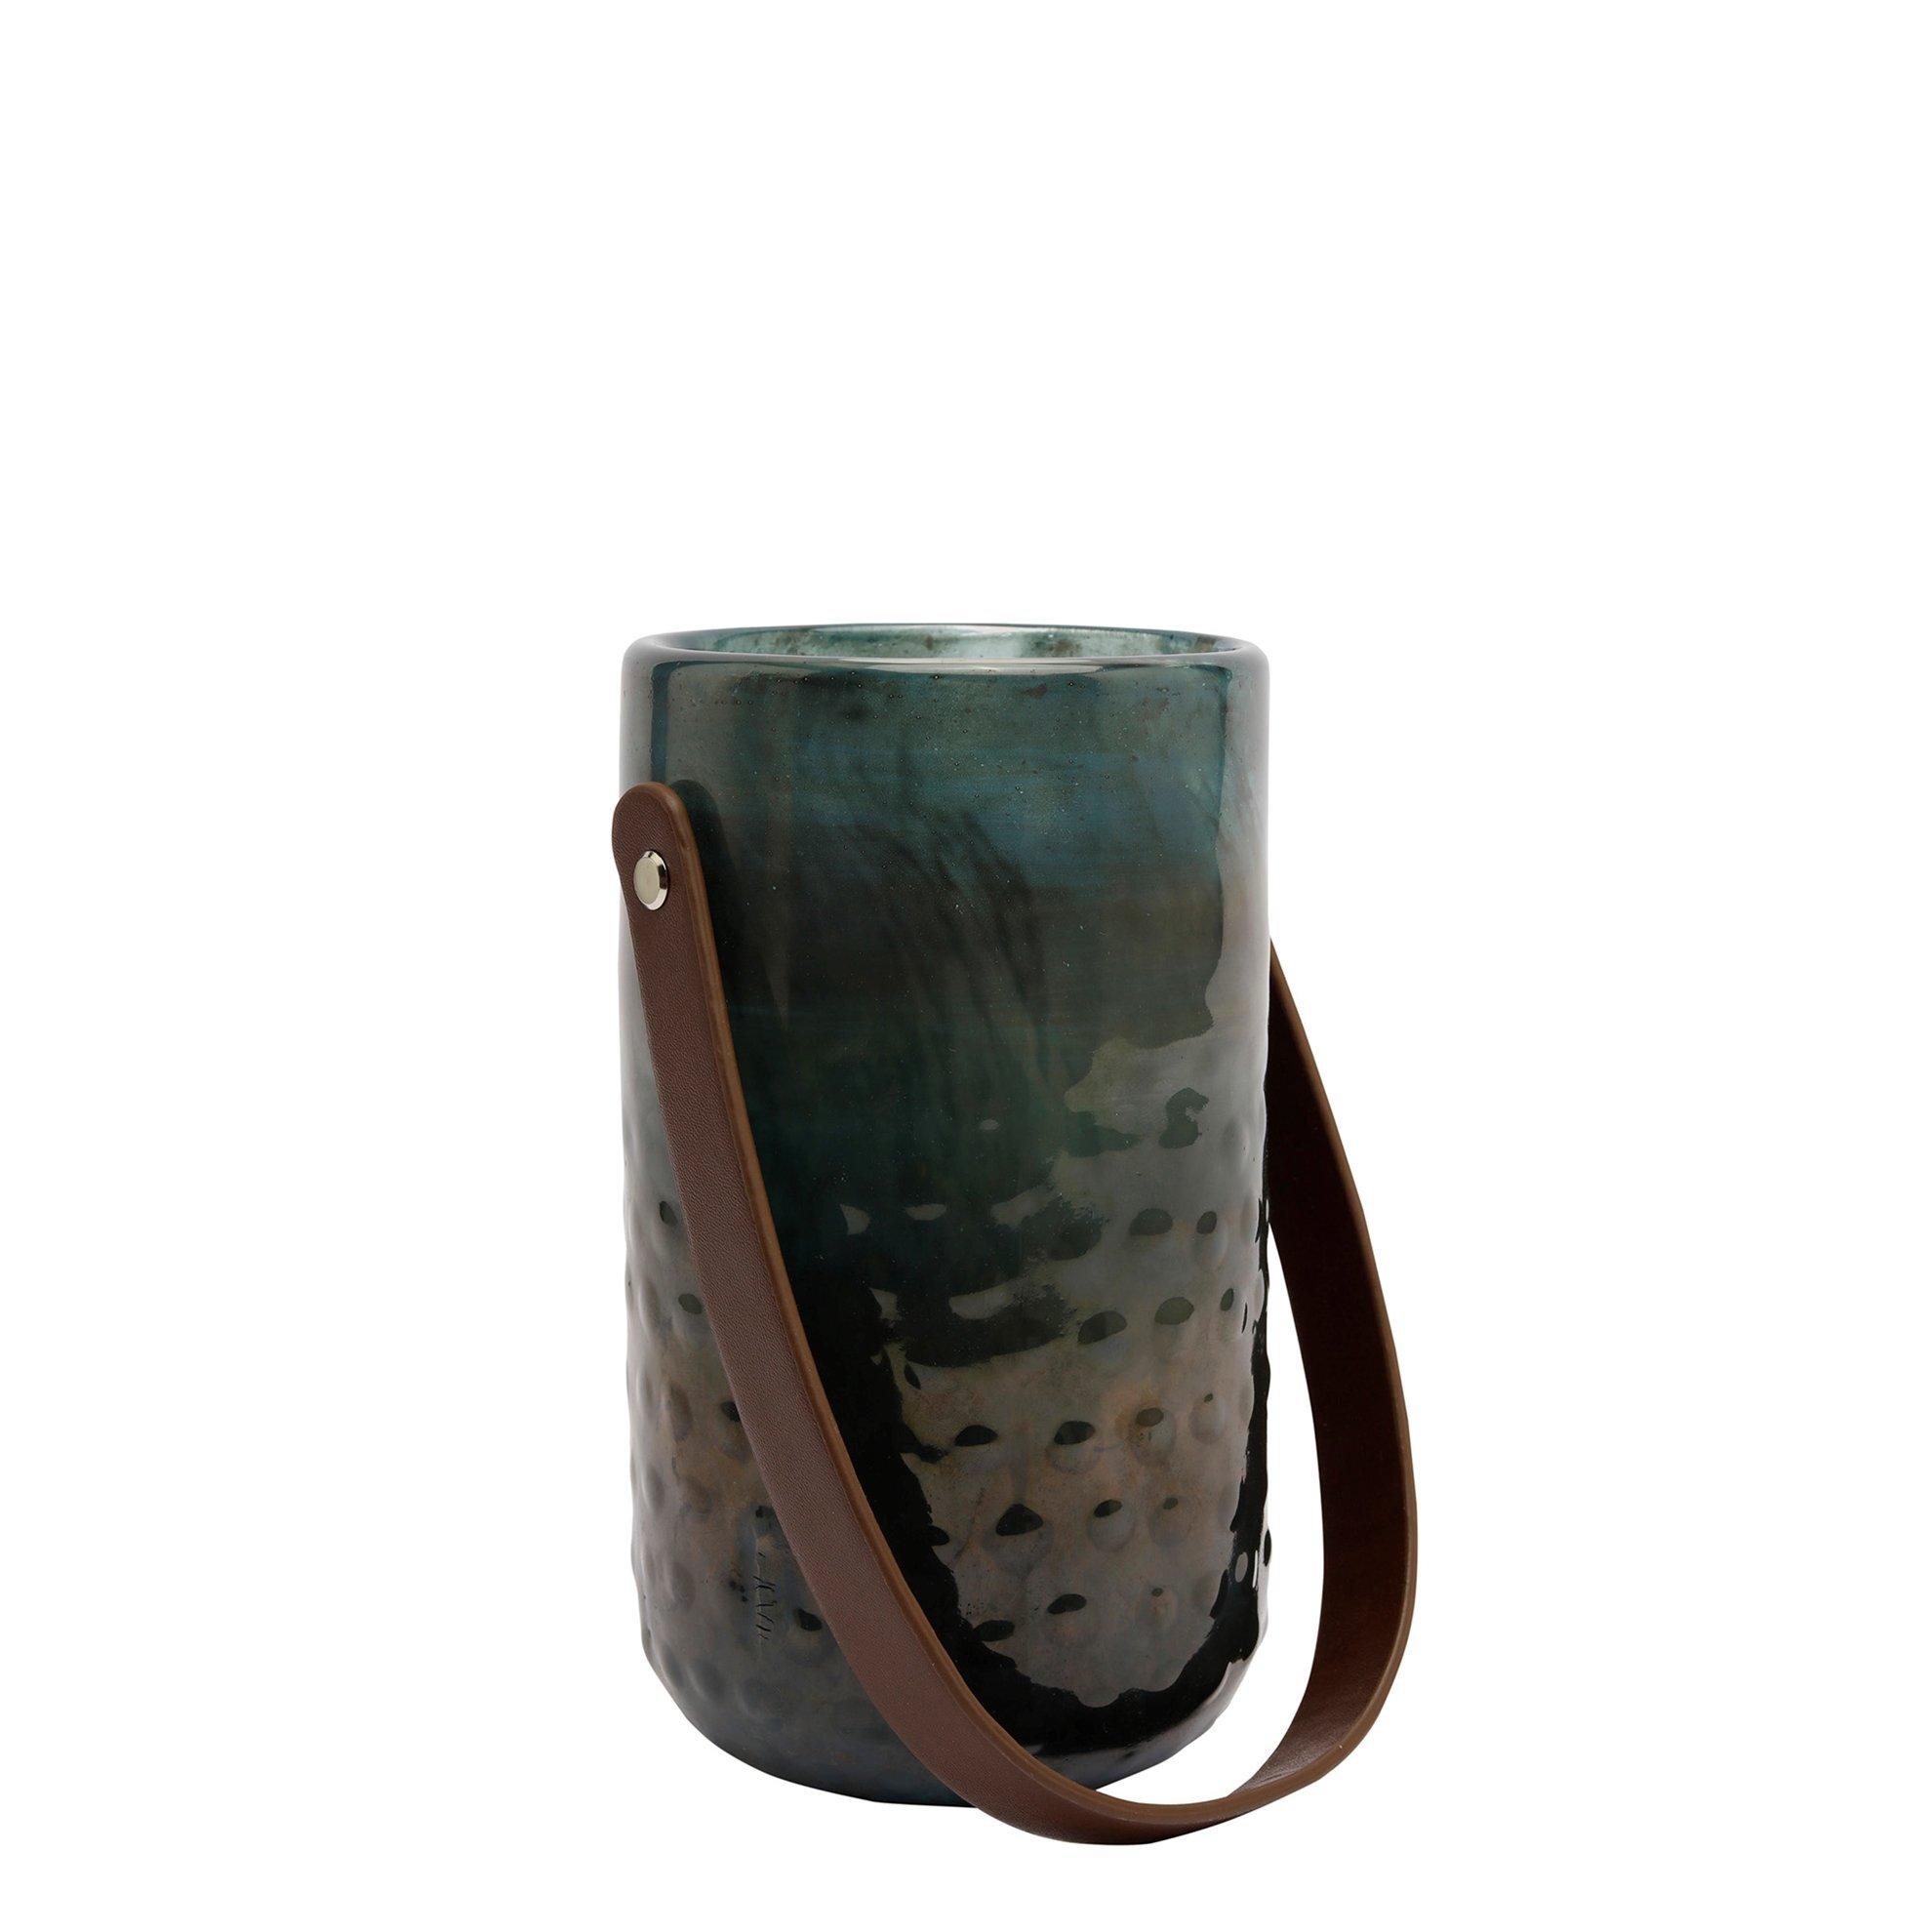 Dekoratif Obje - Vazo (11,4x20,6cm)